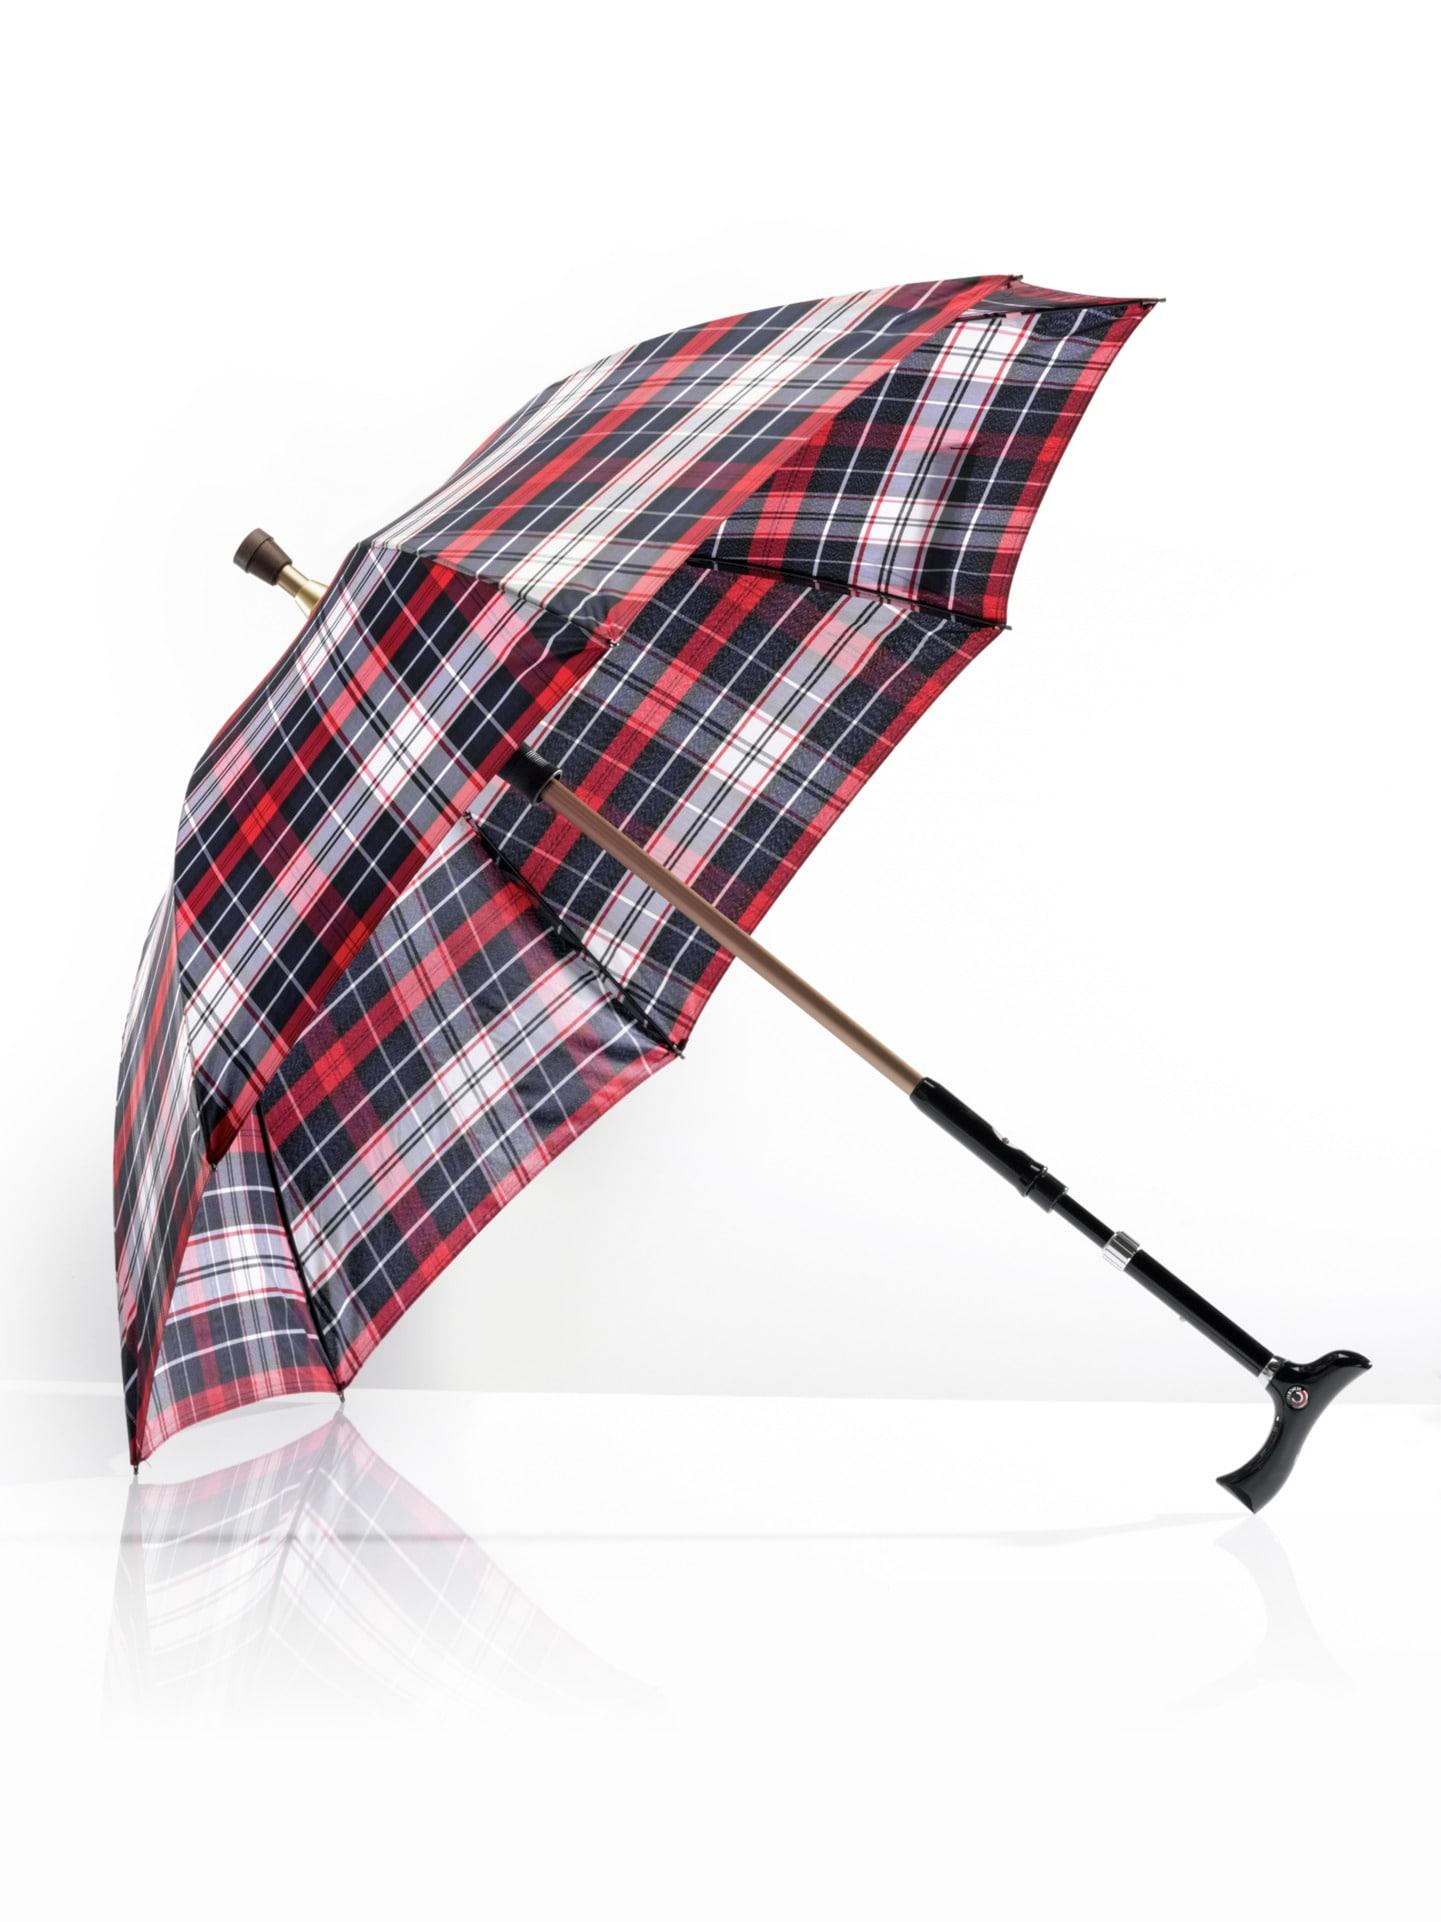 Avena Herren 2 in1-Regenschirm mit Gehstock Rot 63-0931-6